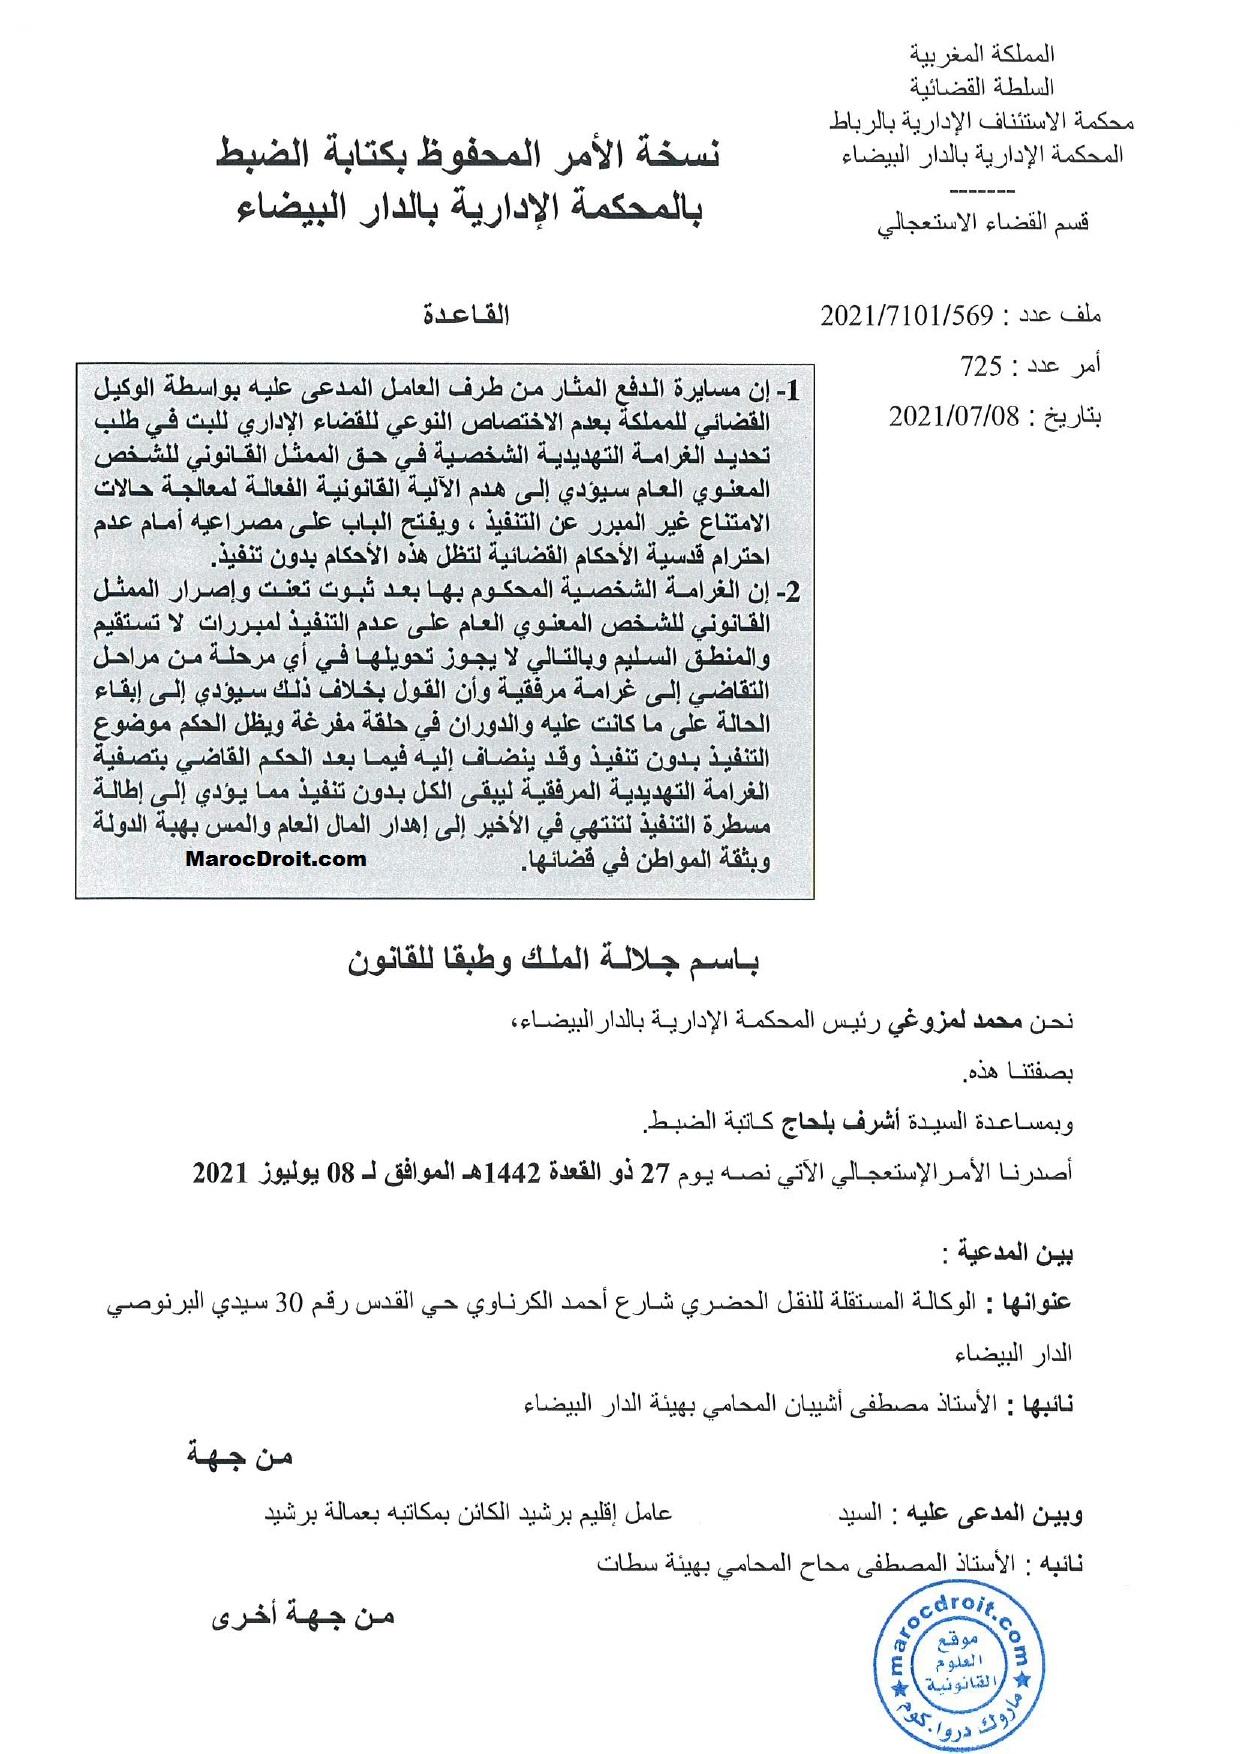 حكم حديث  للمحكمة الإدارية بالدار البيضاء يتعلق  بالحكم بغرامة تهديدية ضد  عامل العمالة الممتنع عن تنفيذ حكم قضائي نهائي.